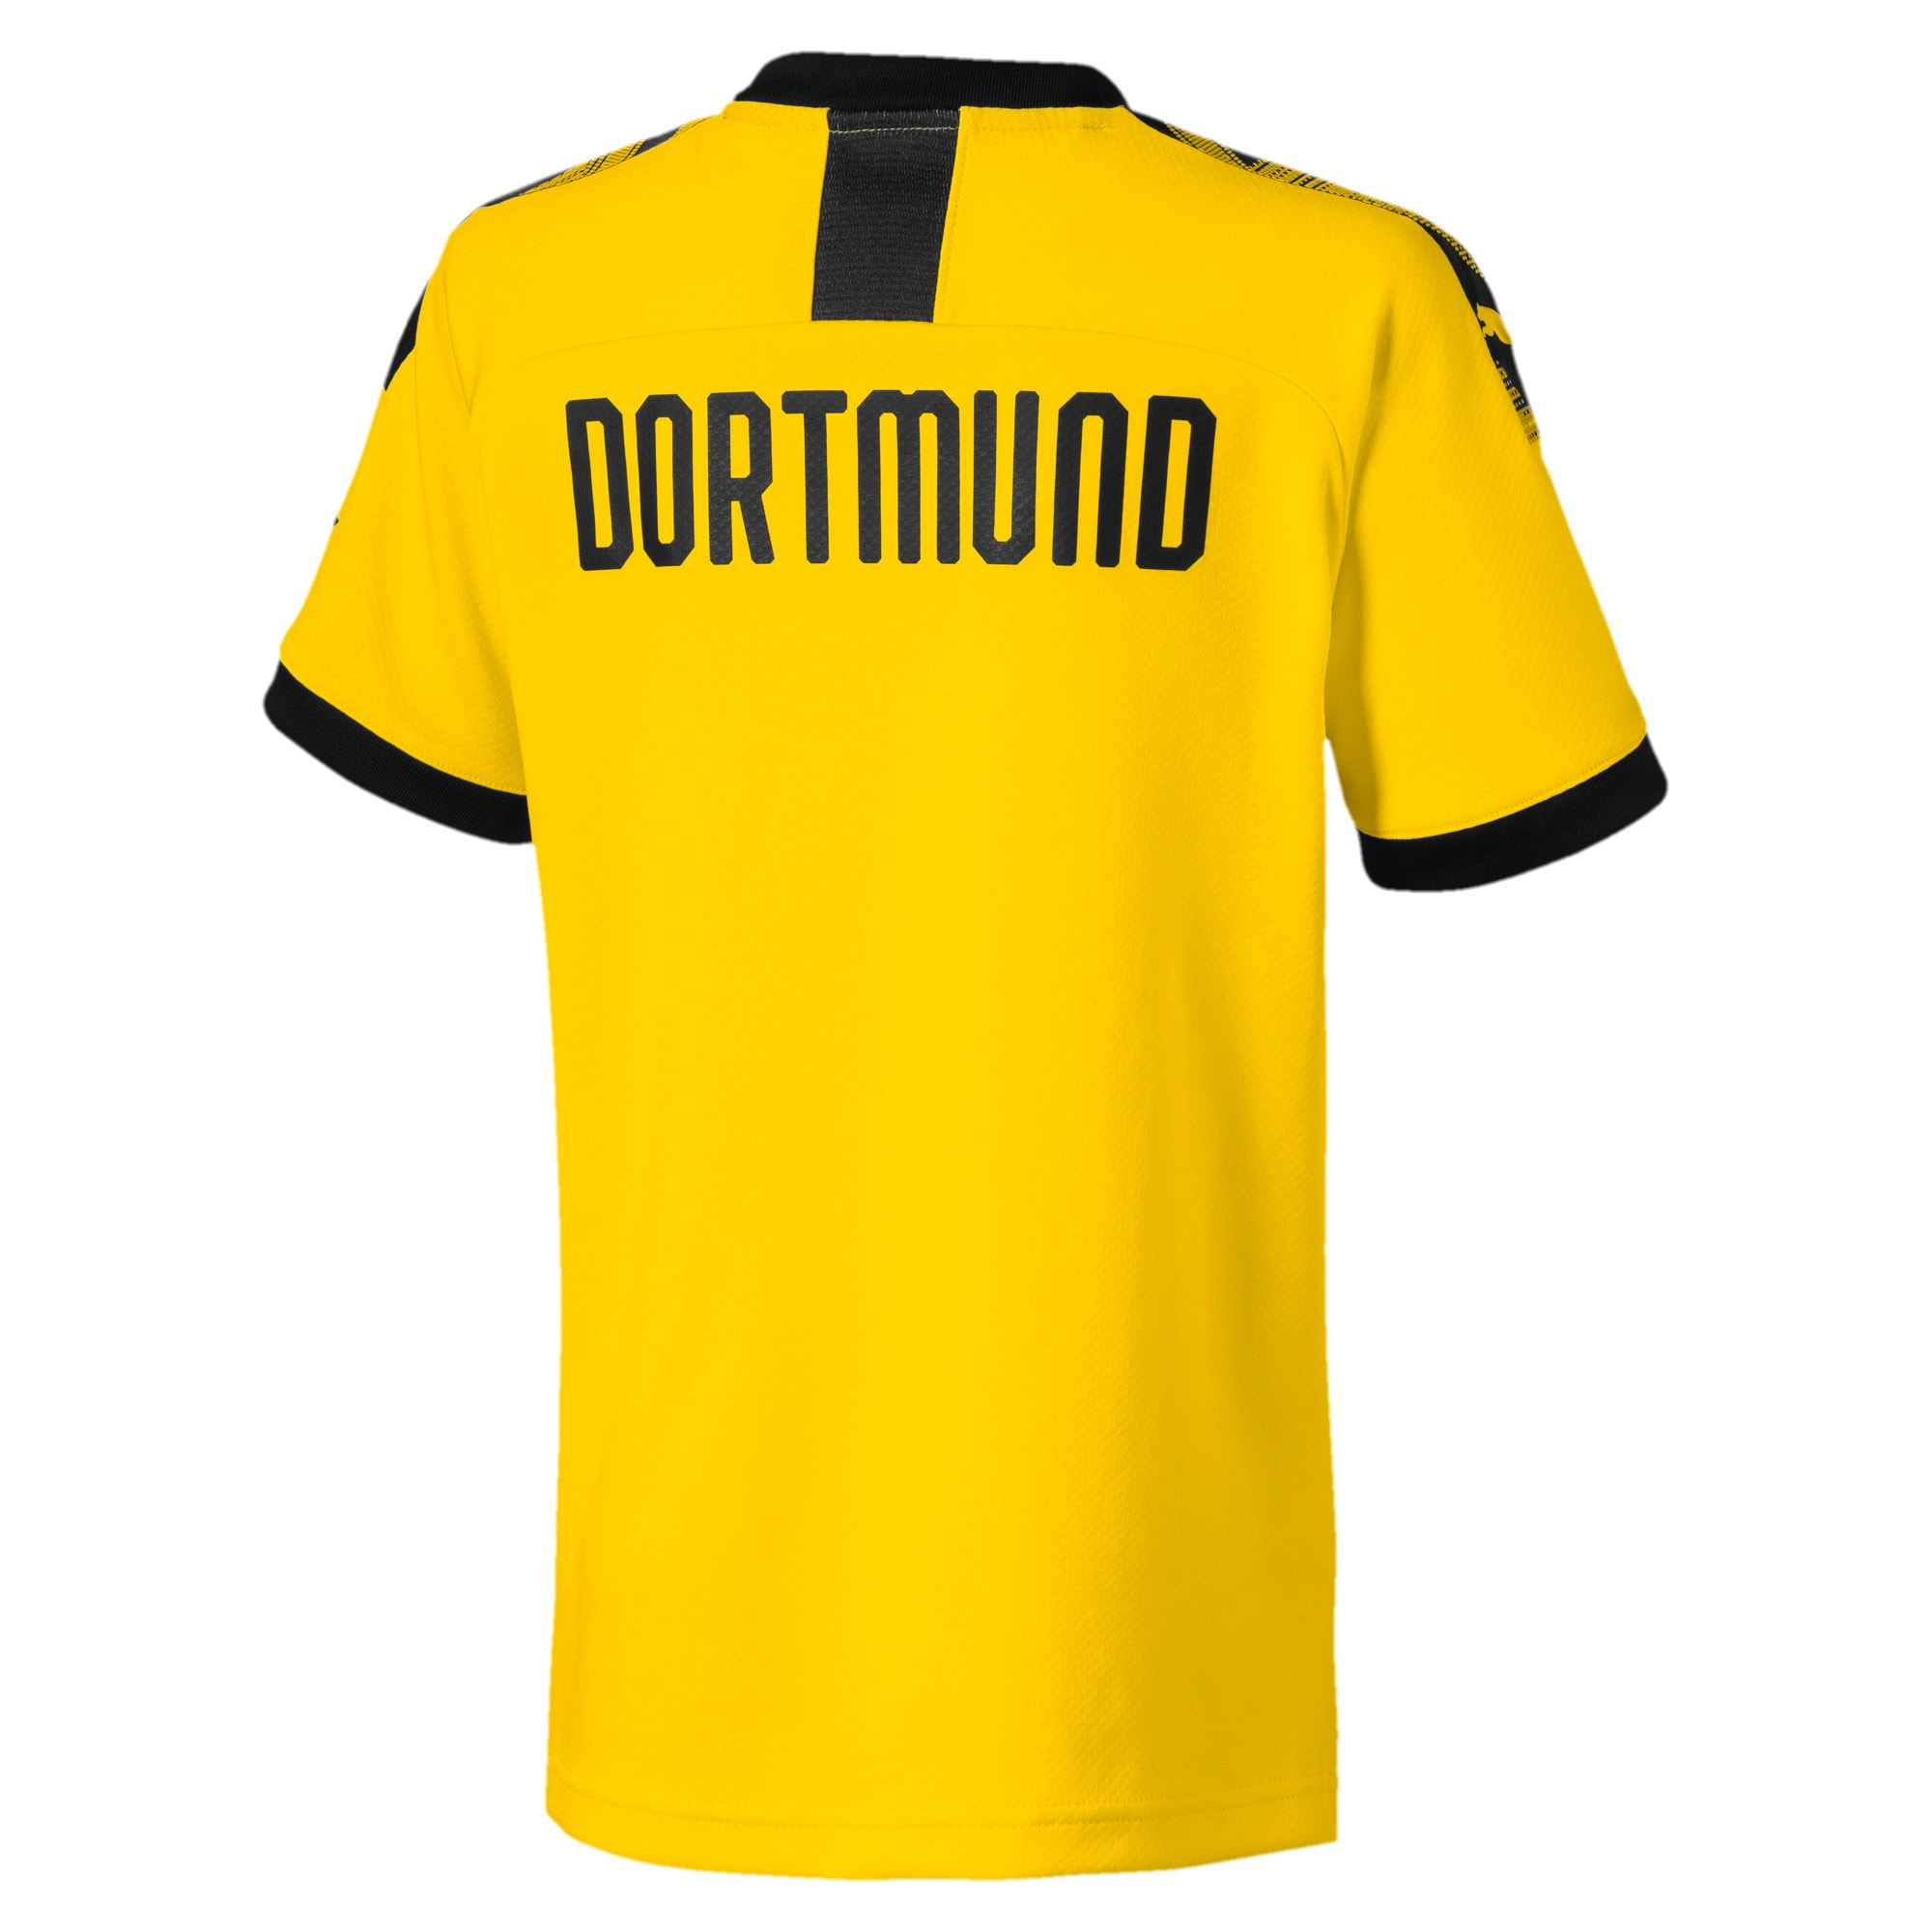 Miniatura 2 de Réplica de camiseta de localBVB para junior, Cyber Yellow-Puma Black, mediano